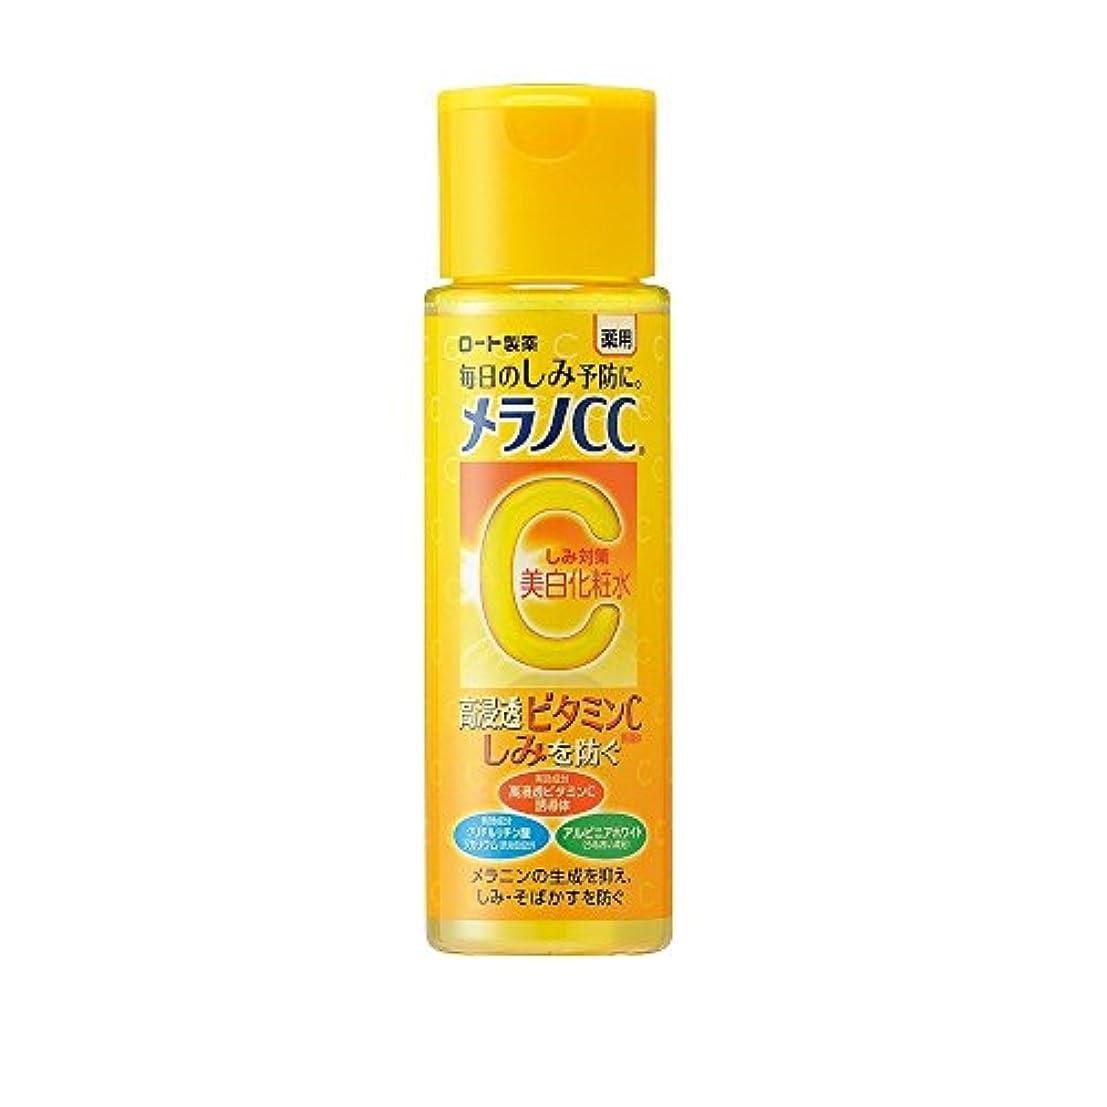 晴れ切る境界【医薬部外品】メラノCC 薬用しみ・そばかす対策 美白 化粧水 170mL